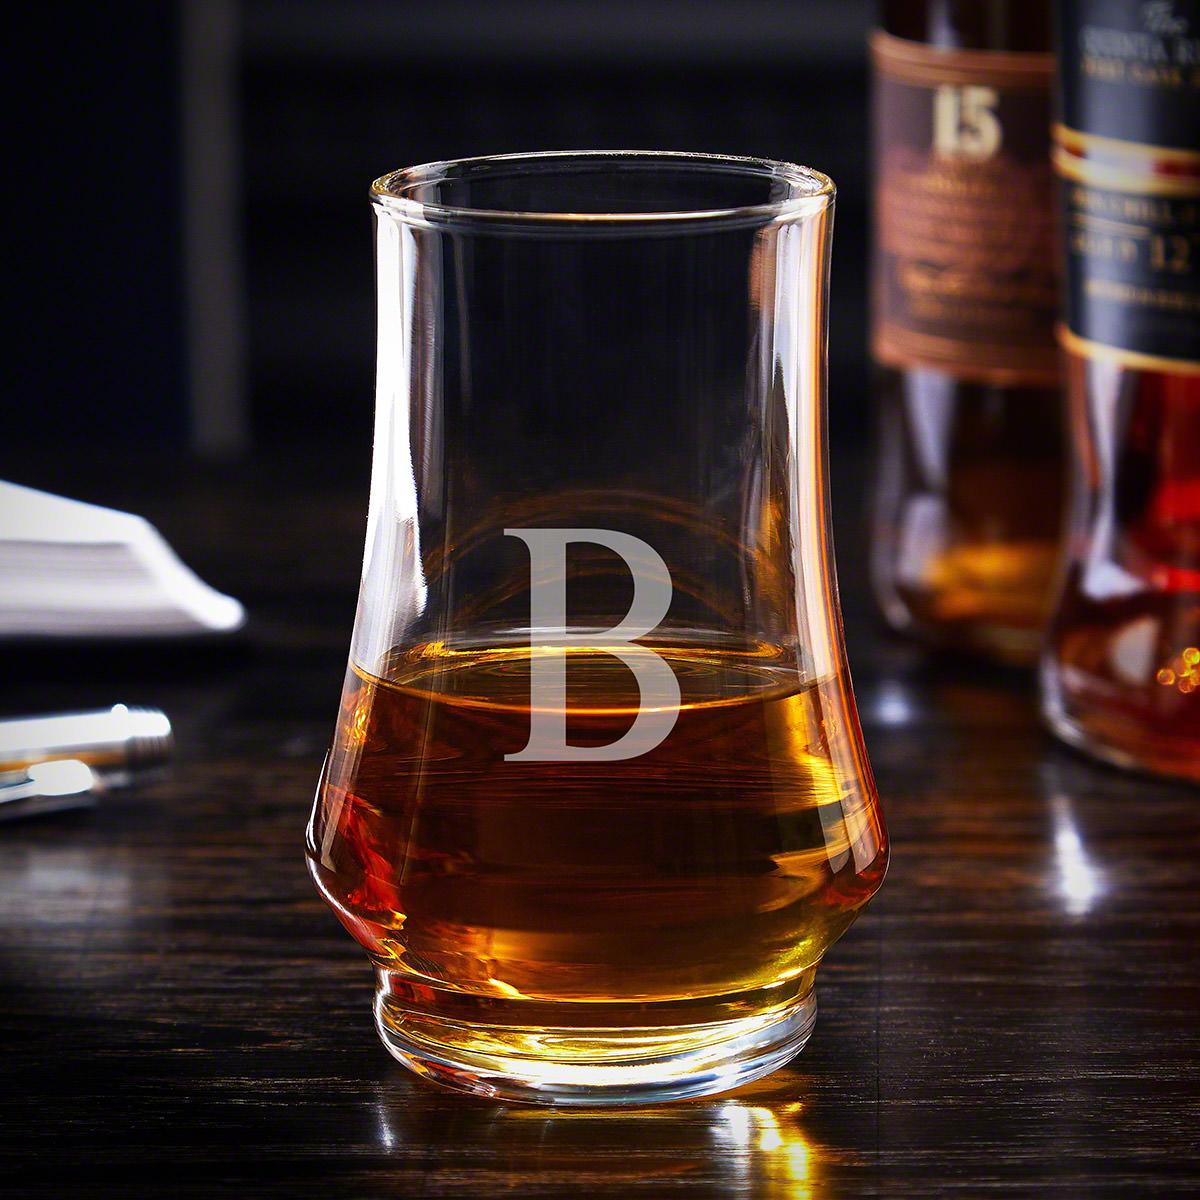 Duke Personalized Whiskey Taster Glass